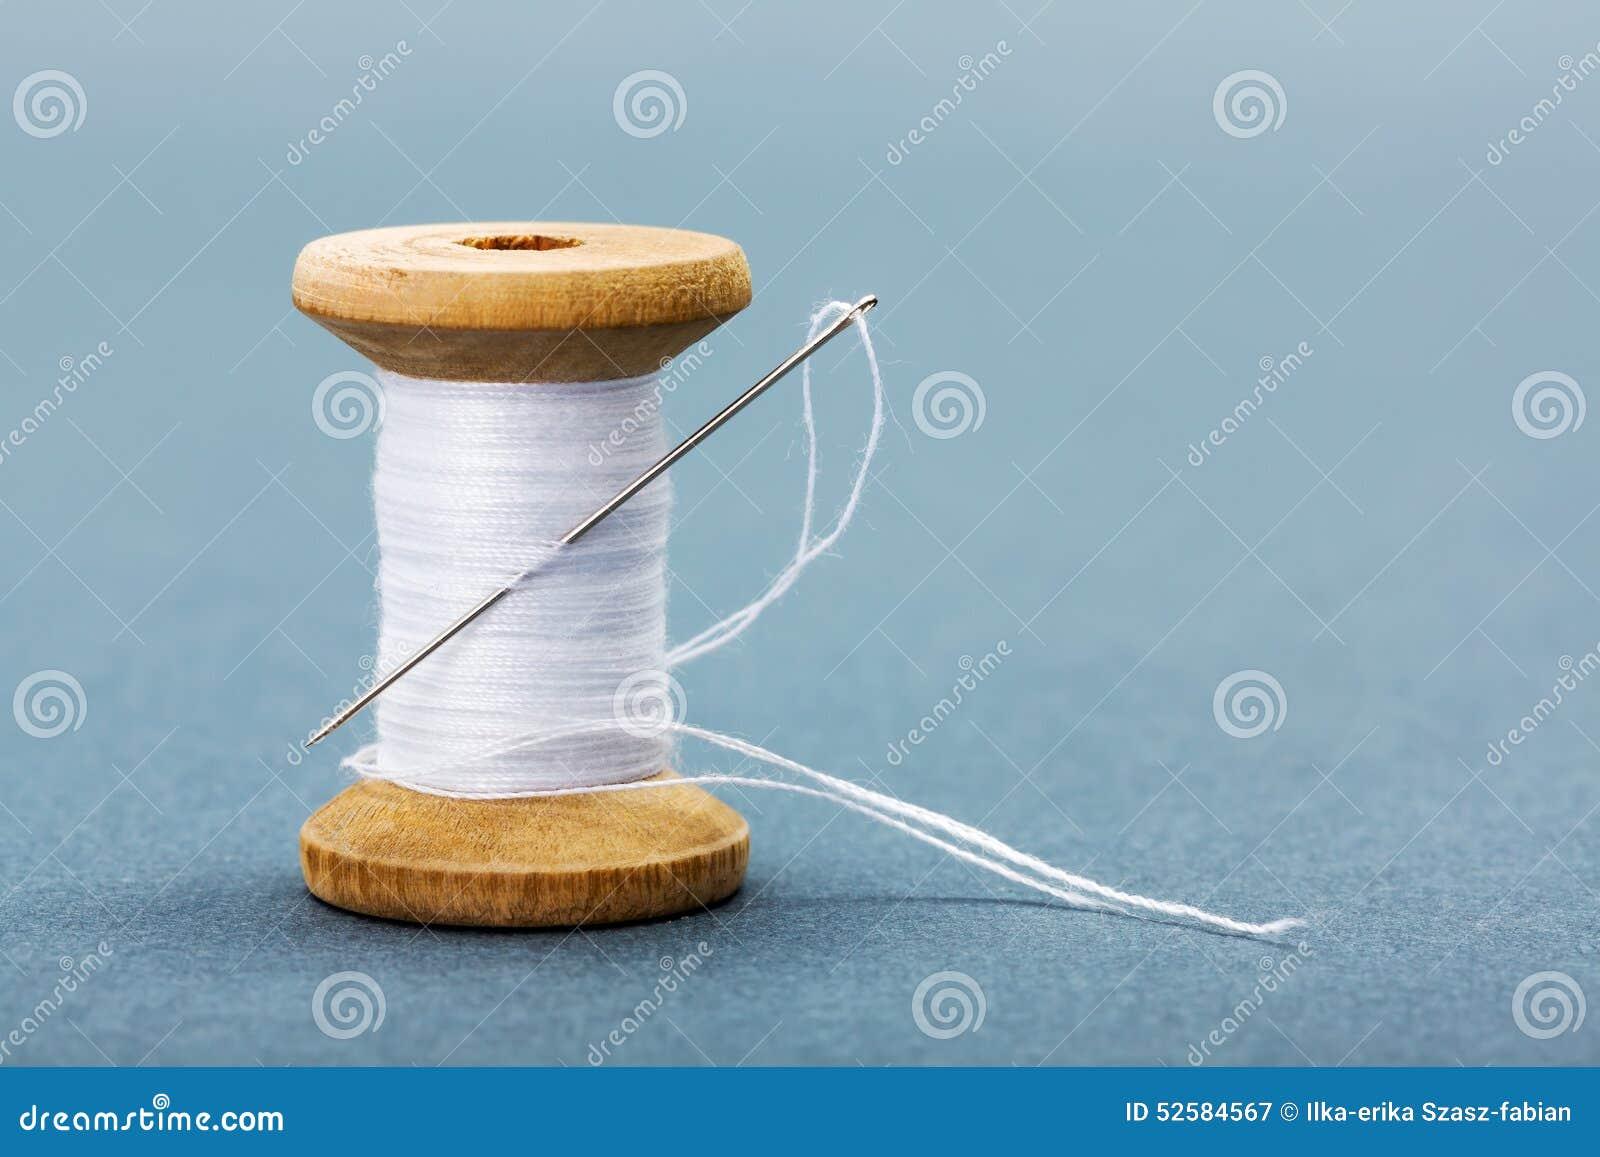 Bobine du fil et de l 39 aiguille de couture blancs photo - Salon du fil et de l aiguille ...